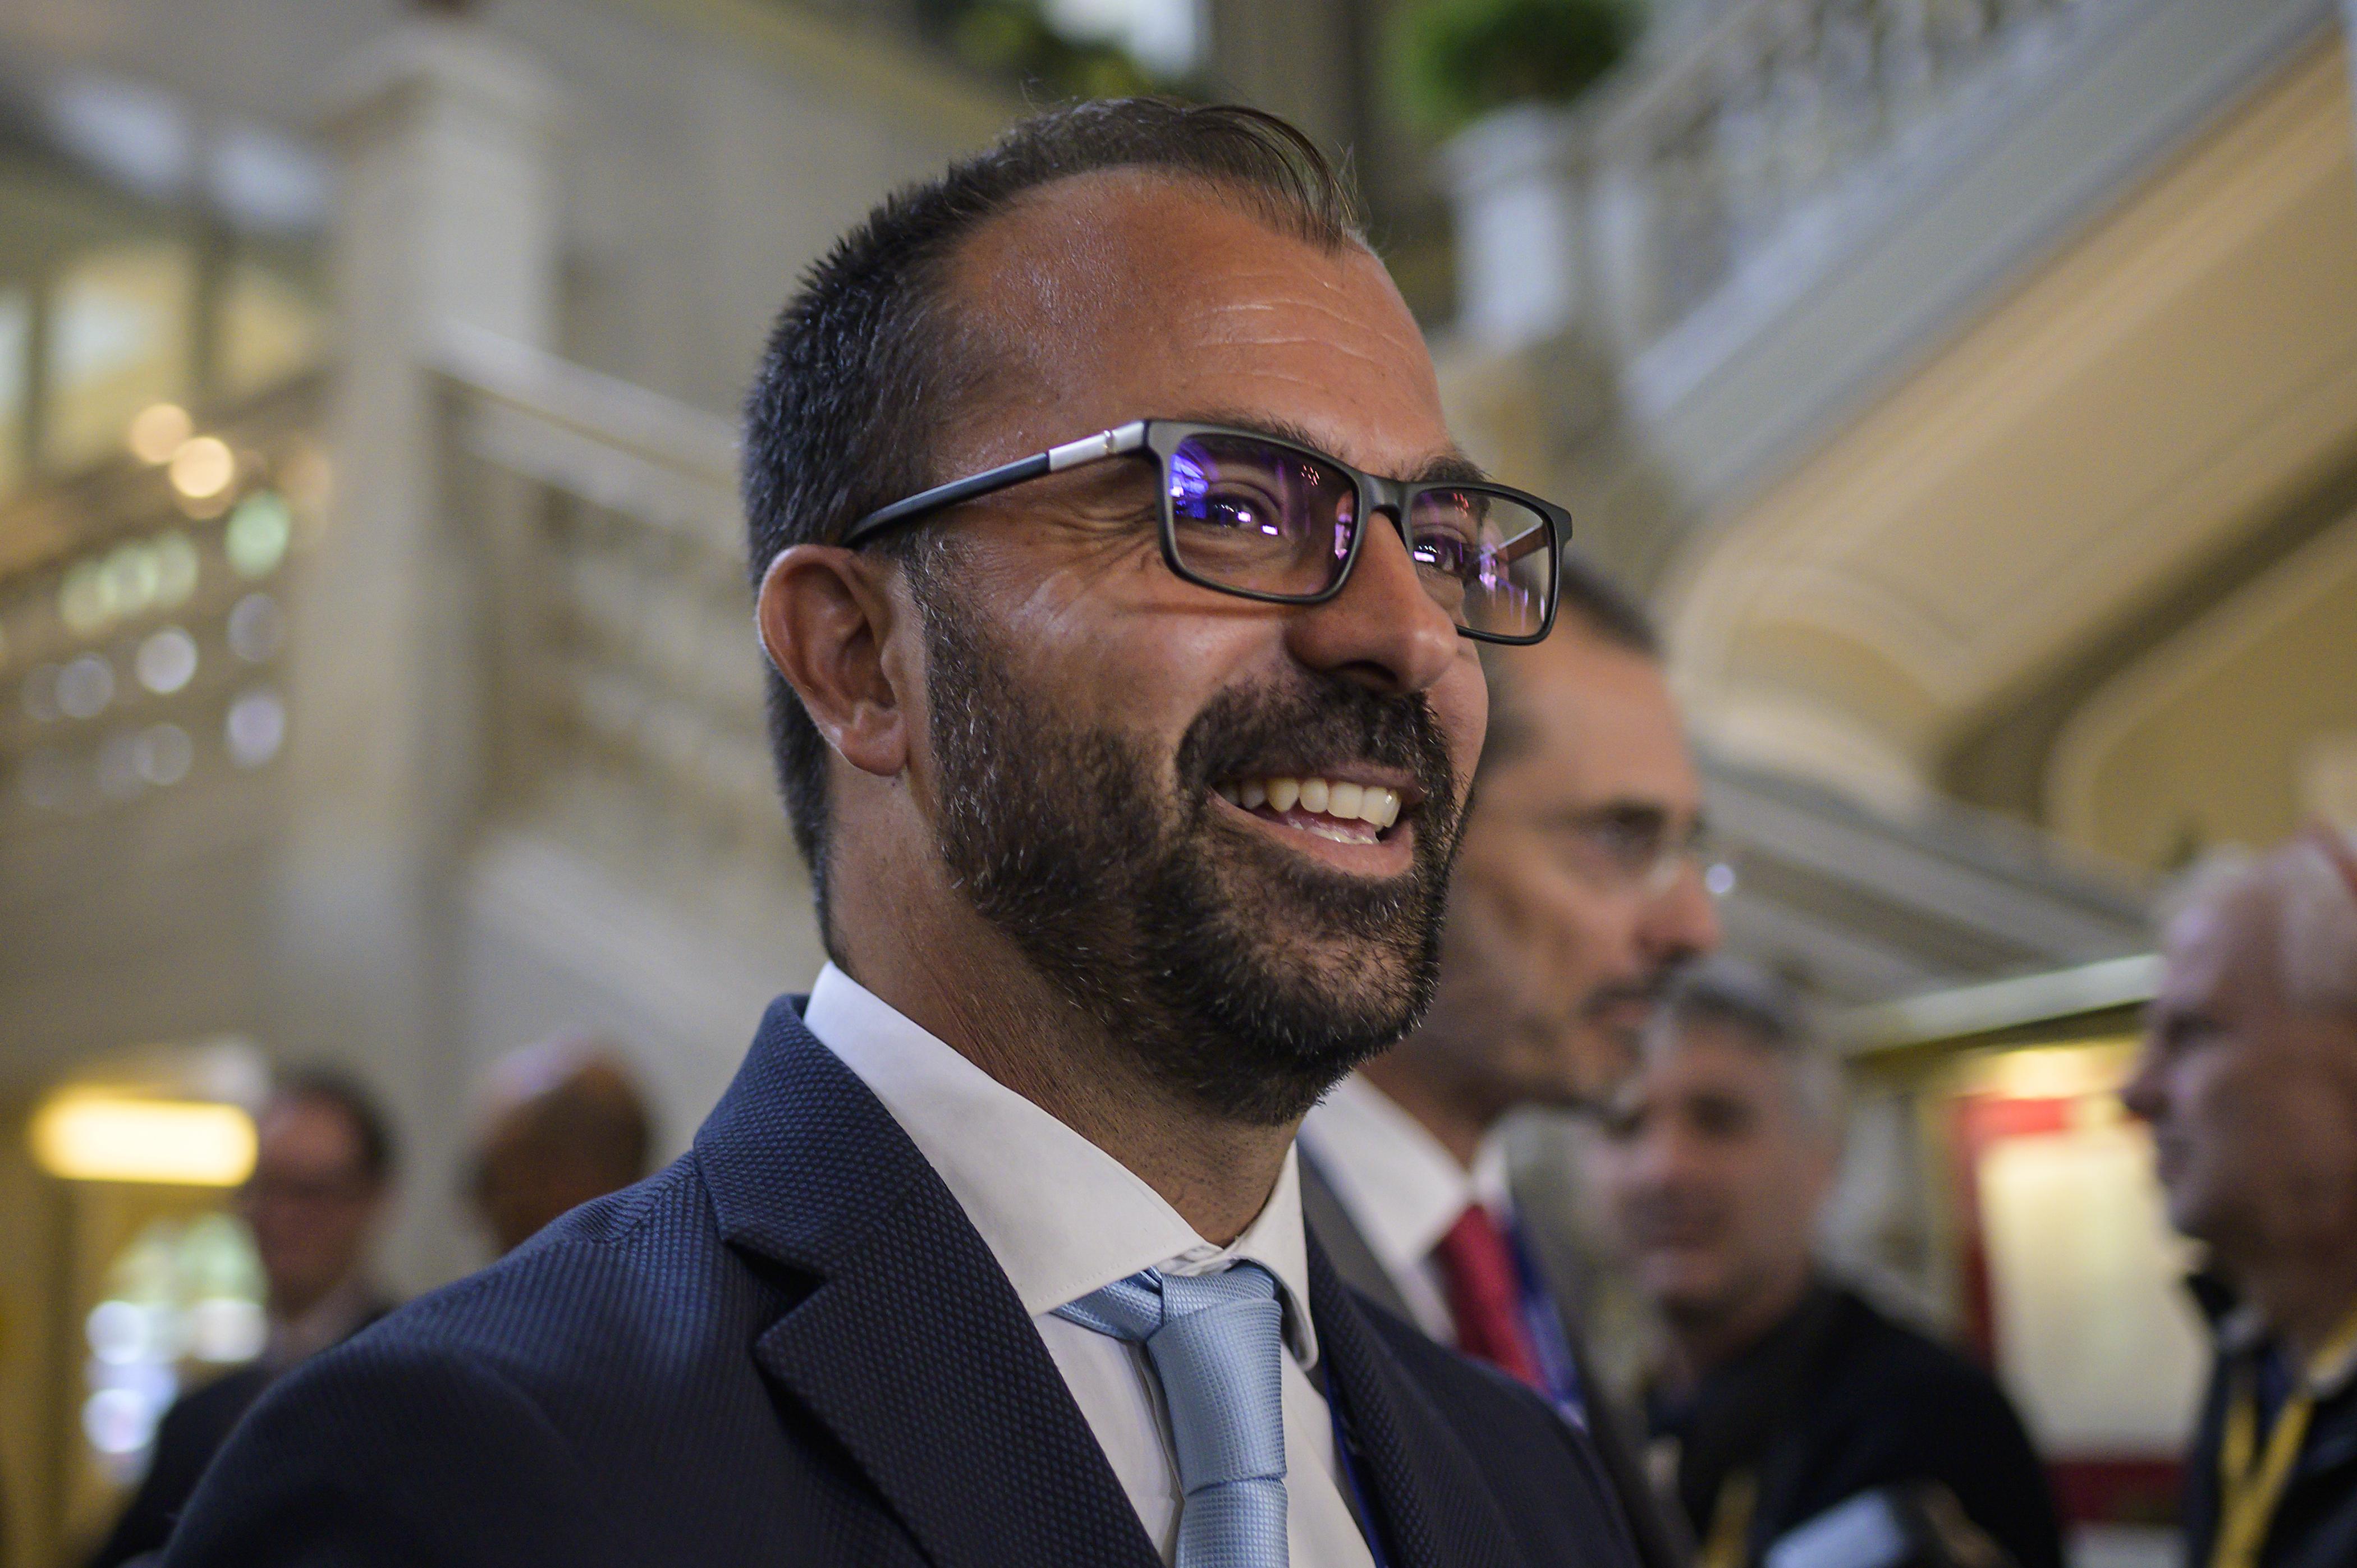 Olaszországban bevezetik a kötelező klímaoktatást